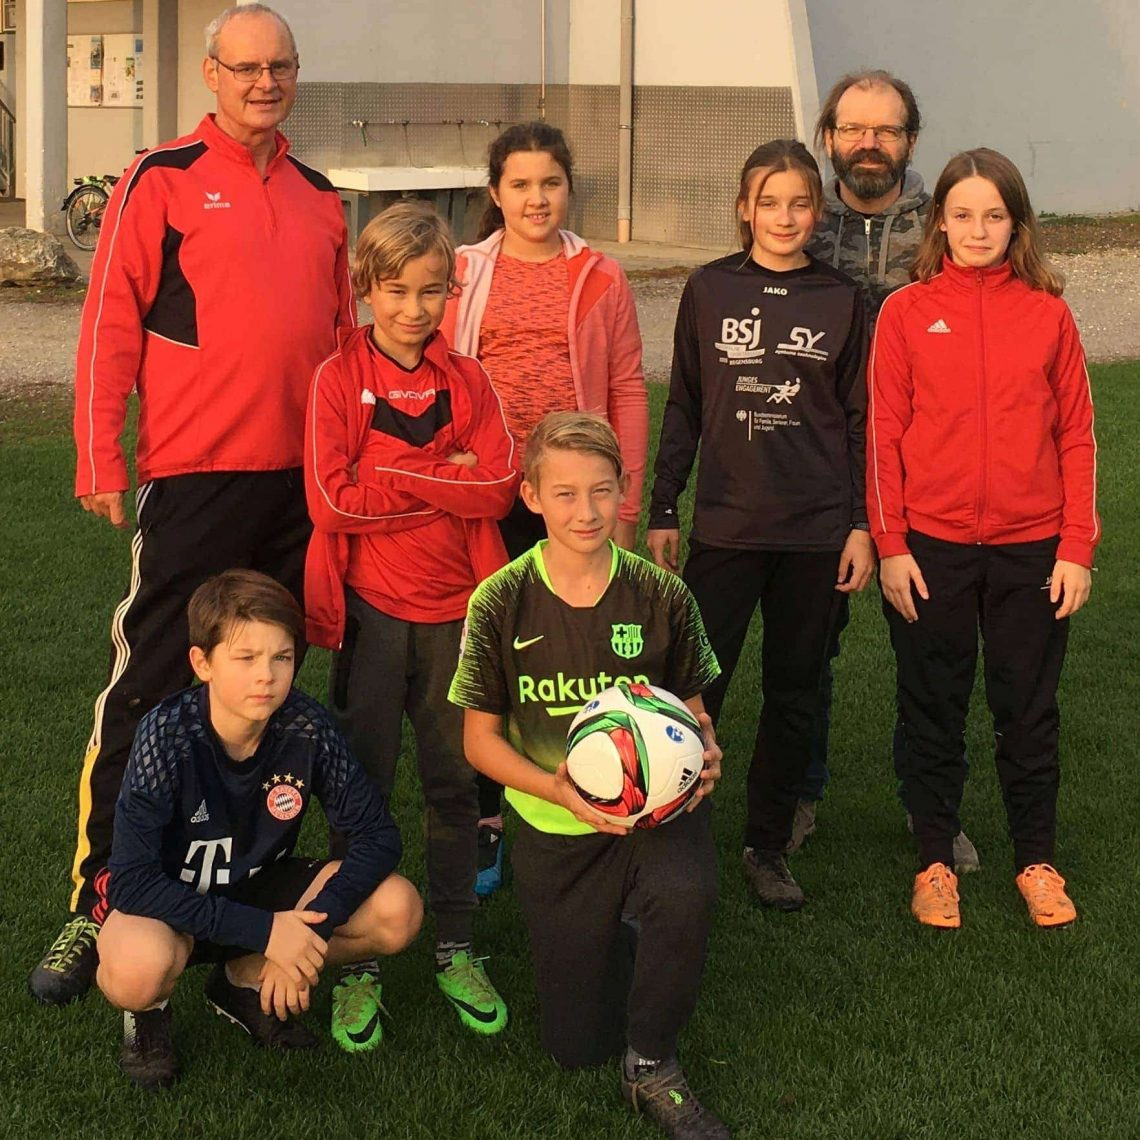 Blizz Leserreporter: DFB-Doppelpass 2020  Jugend des SV Sallern arbeitet mit fünf Schulen zusammen